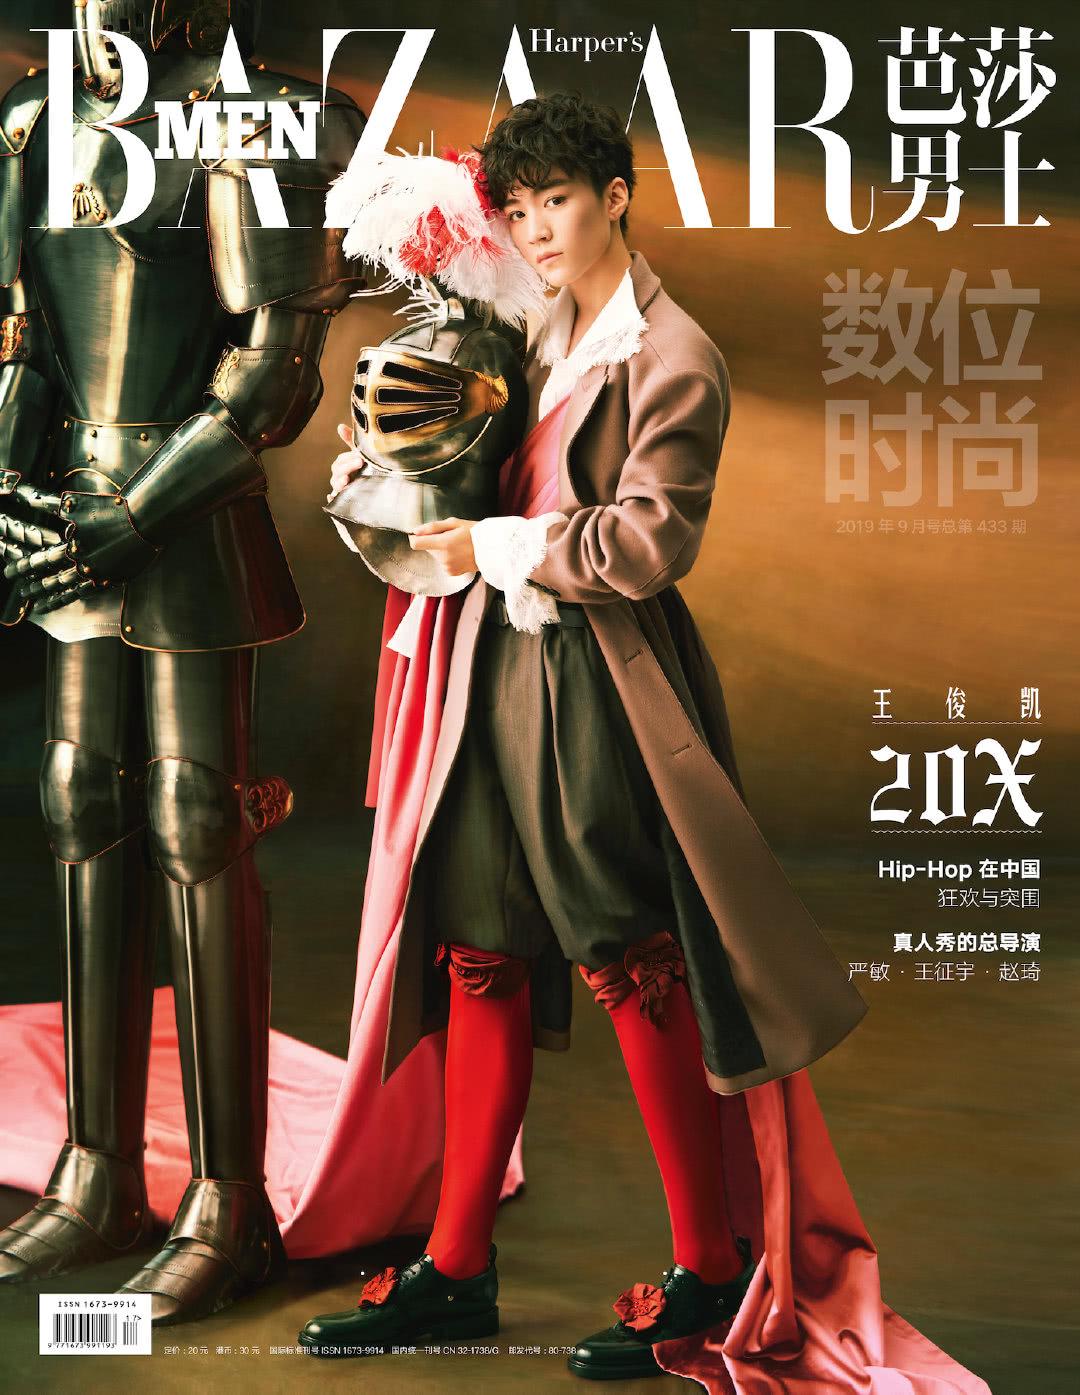 王俊凯新杂志挑战四幅名画造型!不仅把纽扣解到肚皮还跟女生牵手